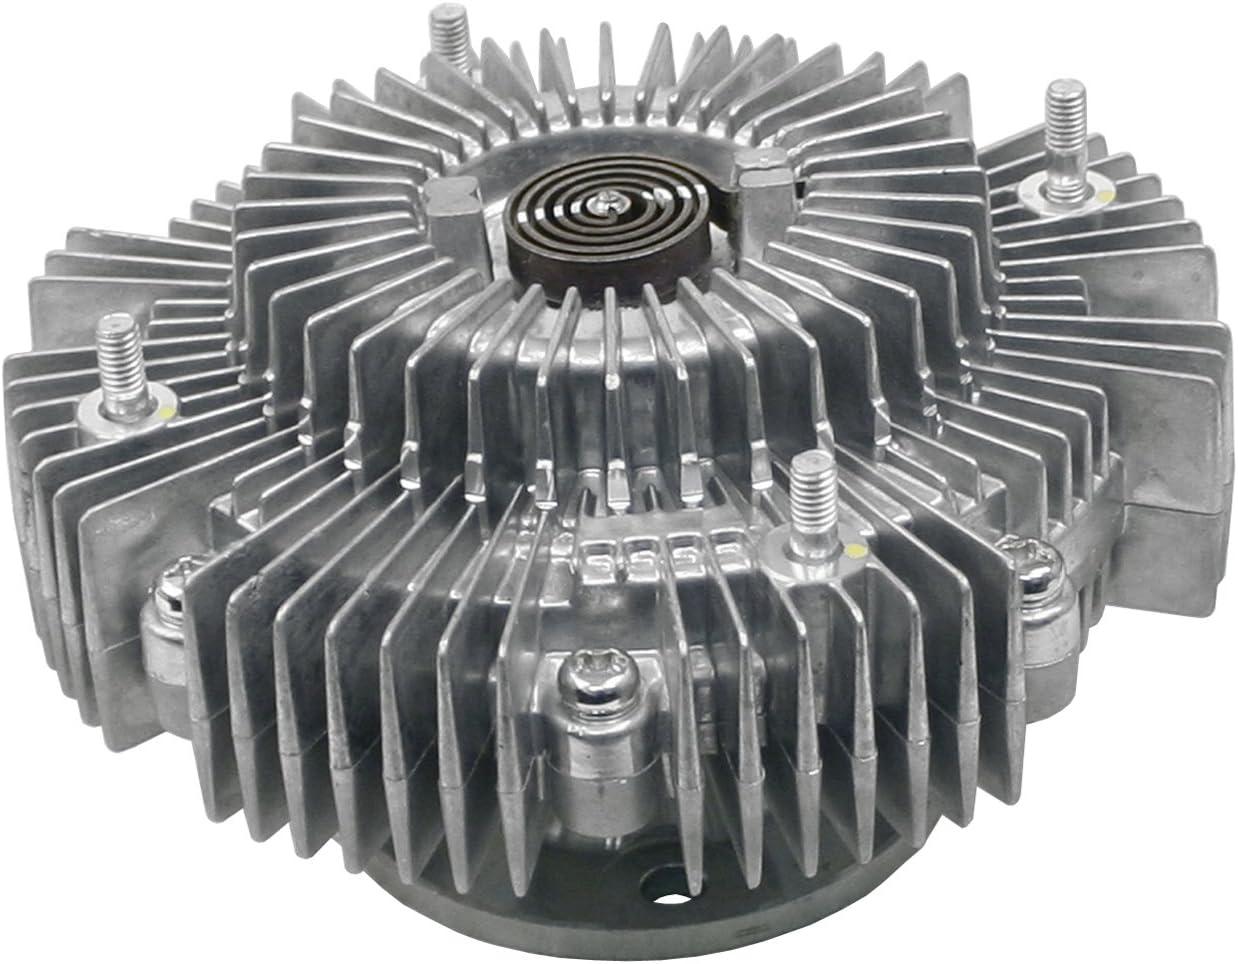 Beck Arnley 130-0185 Fan Clutch Unit